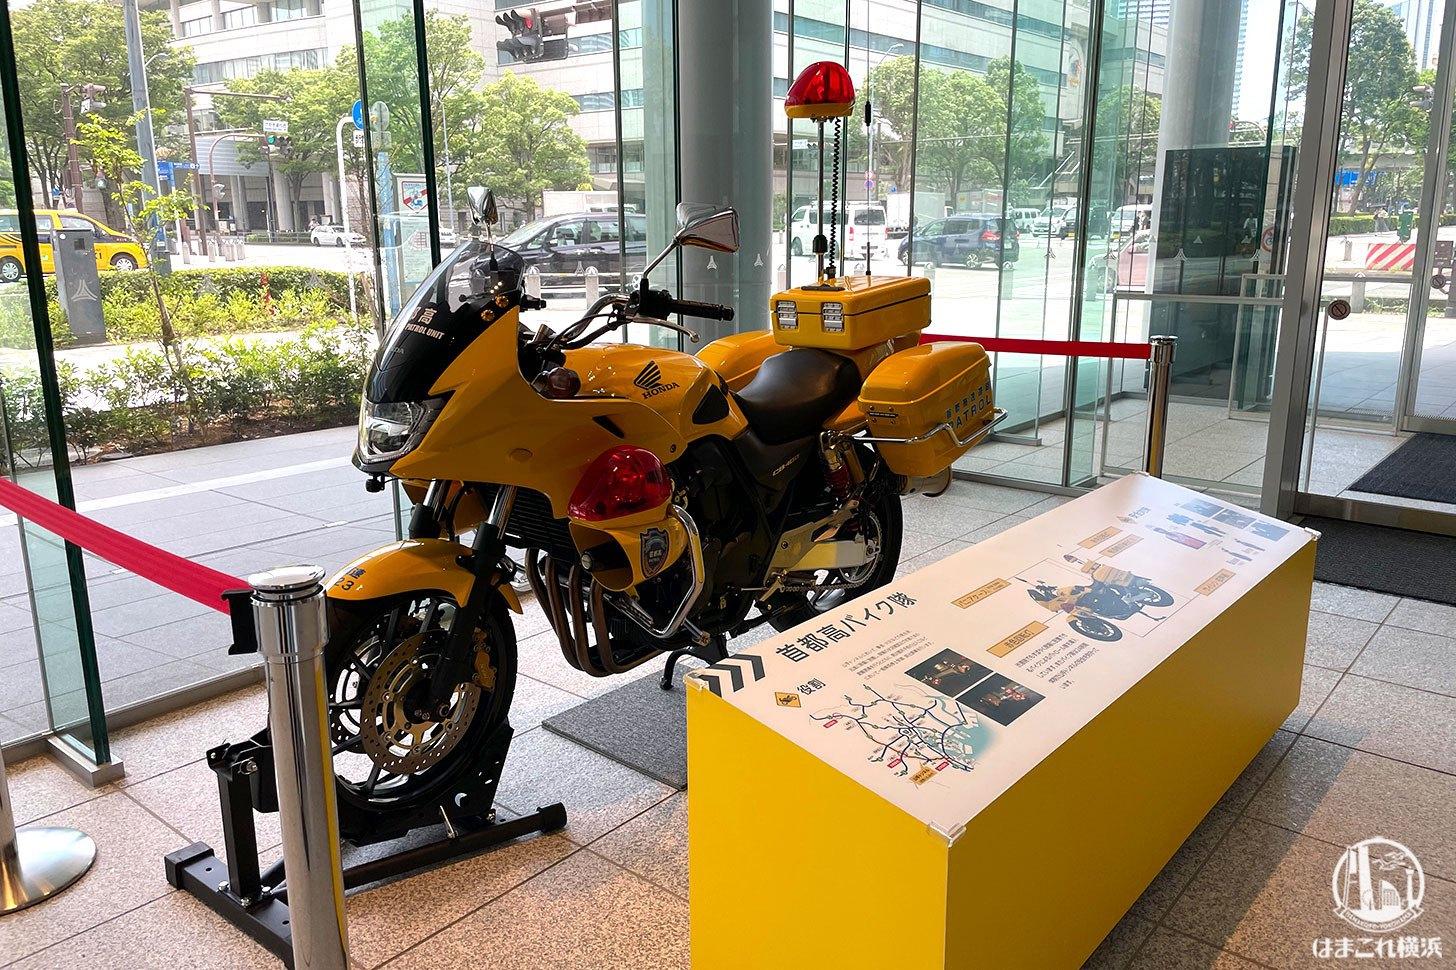 首都高バイク隊のバイク